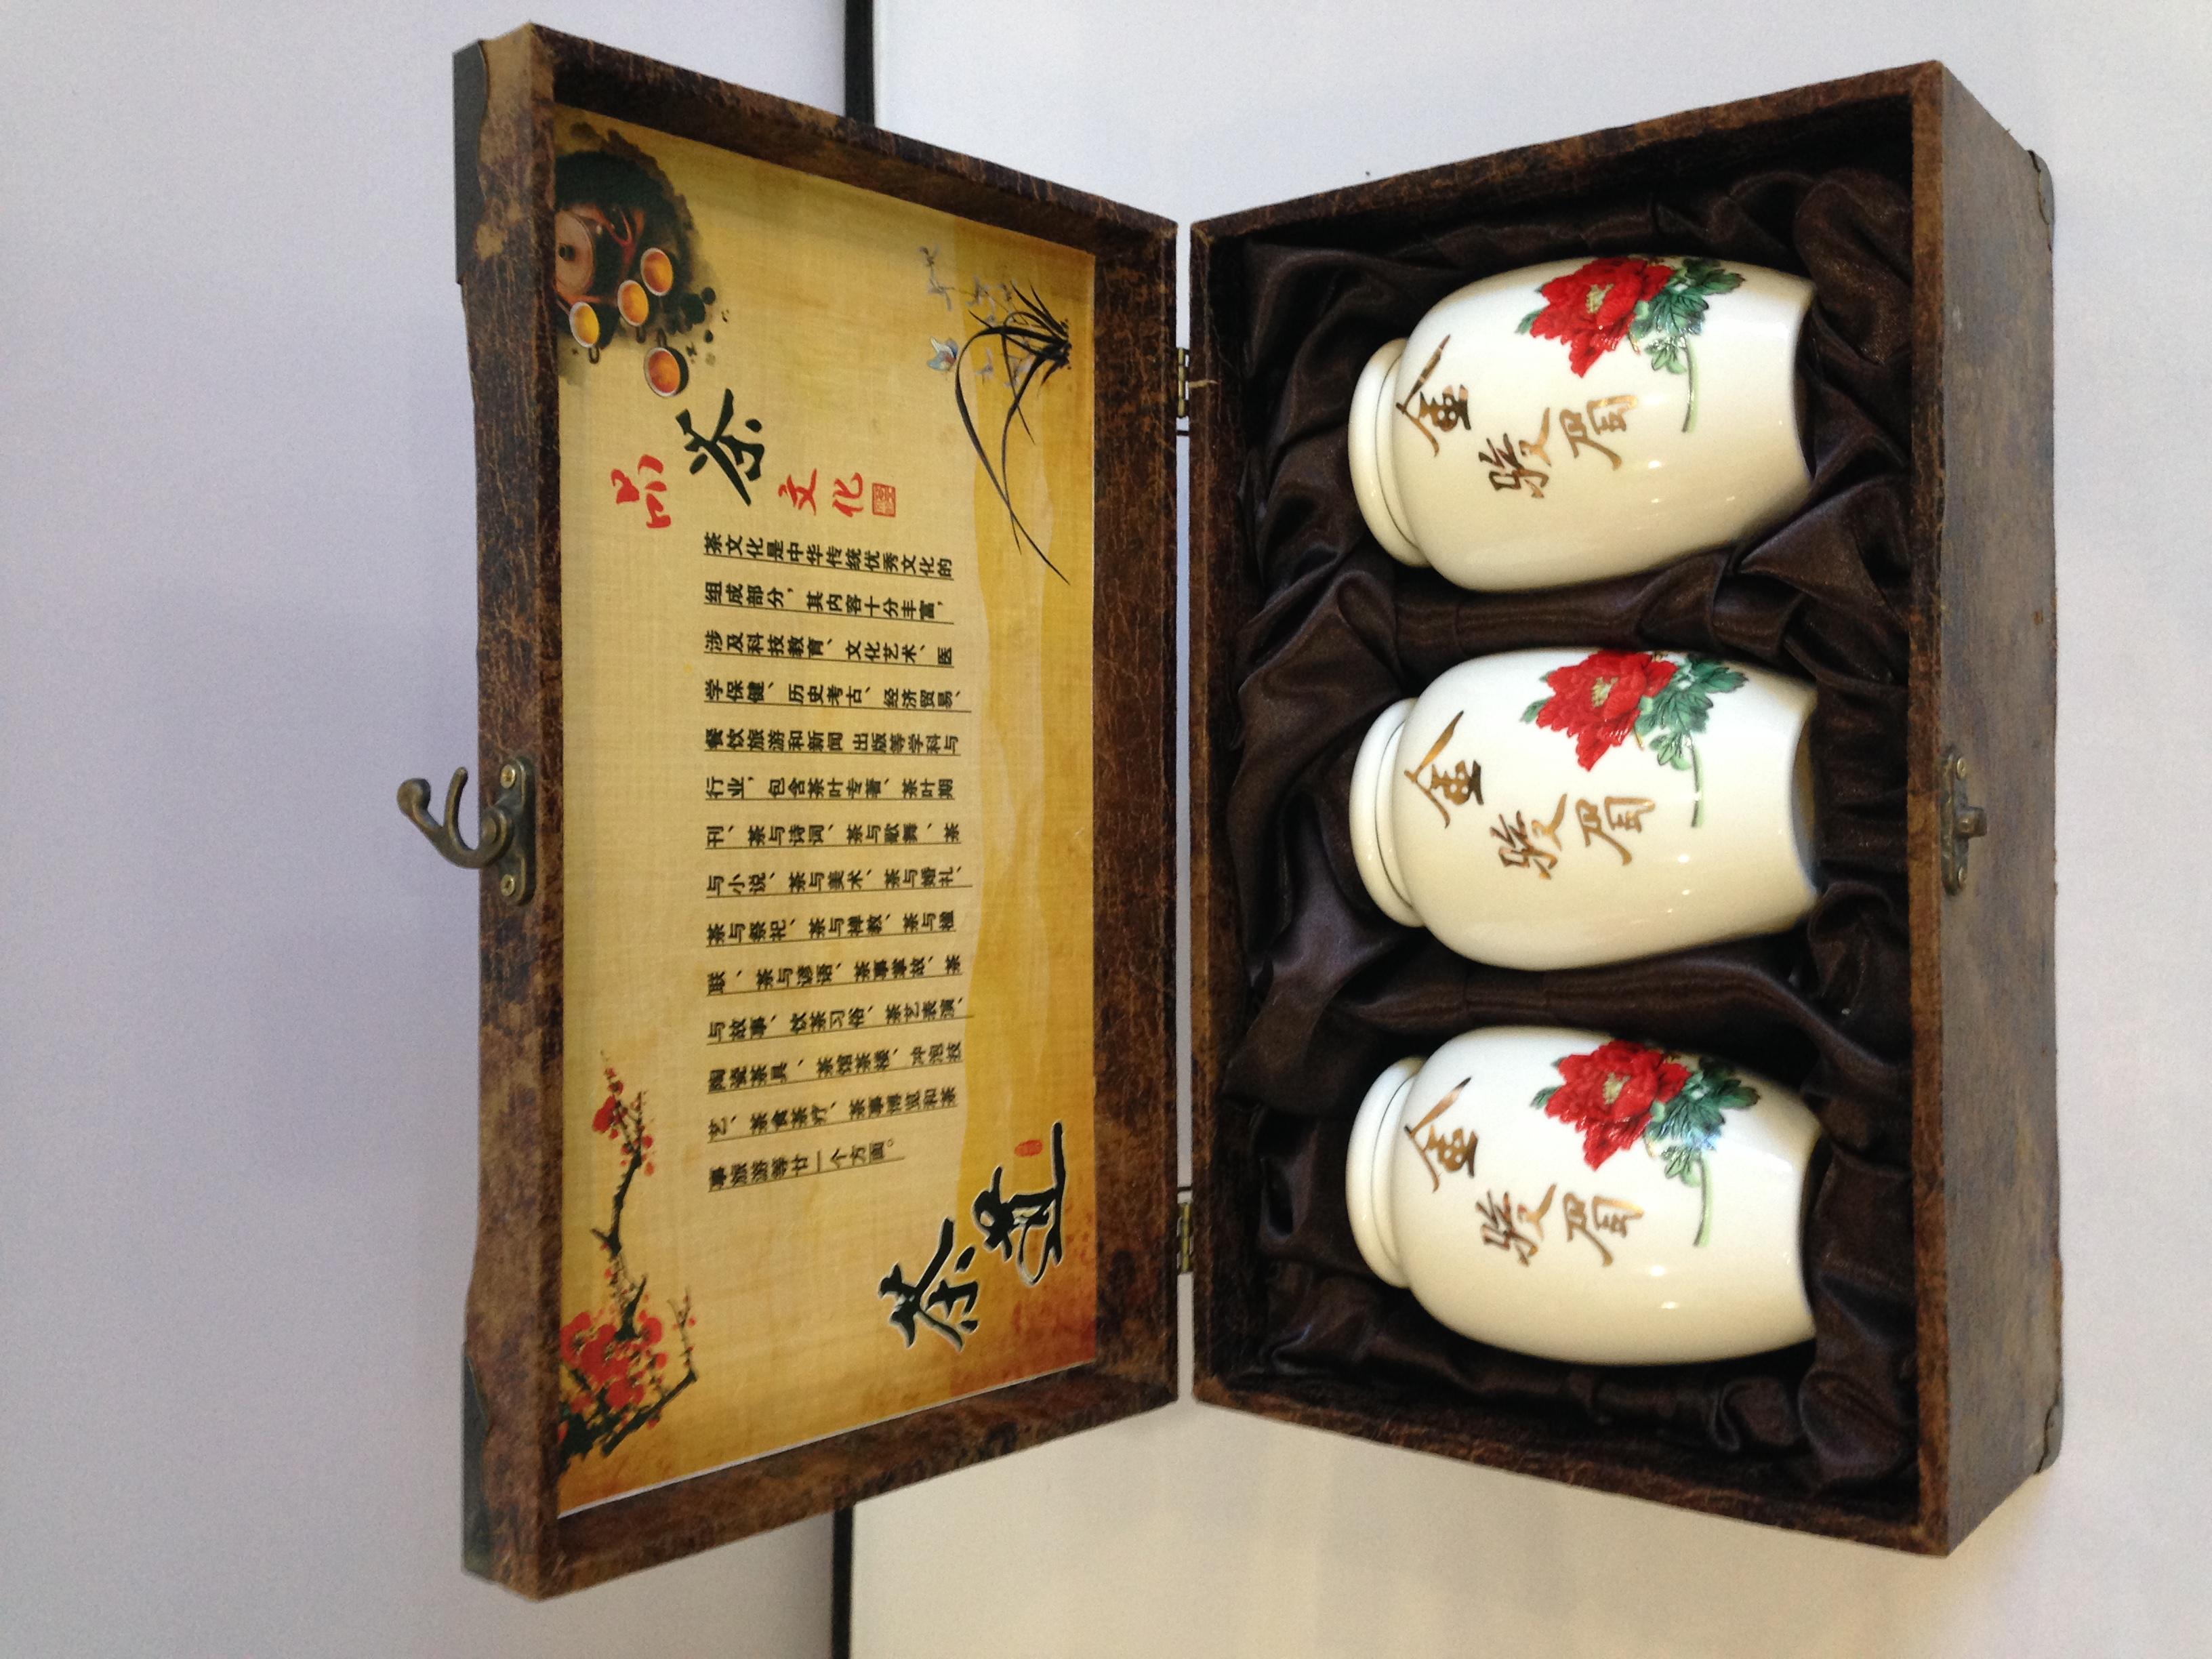 精装礼盒 鞋盒包装印刷 礼盒包装 包装印刷